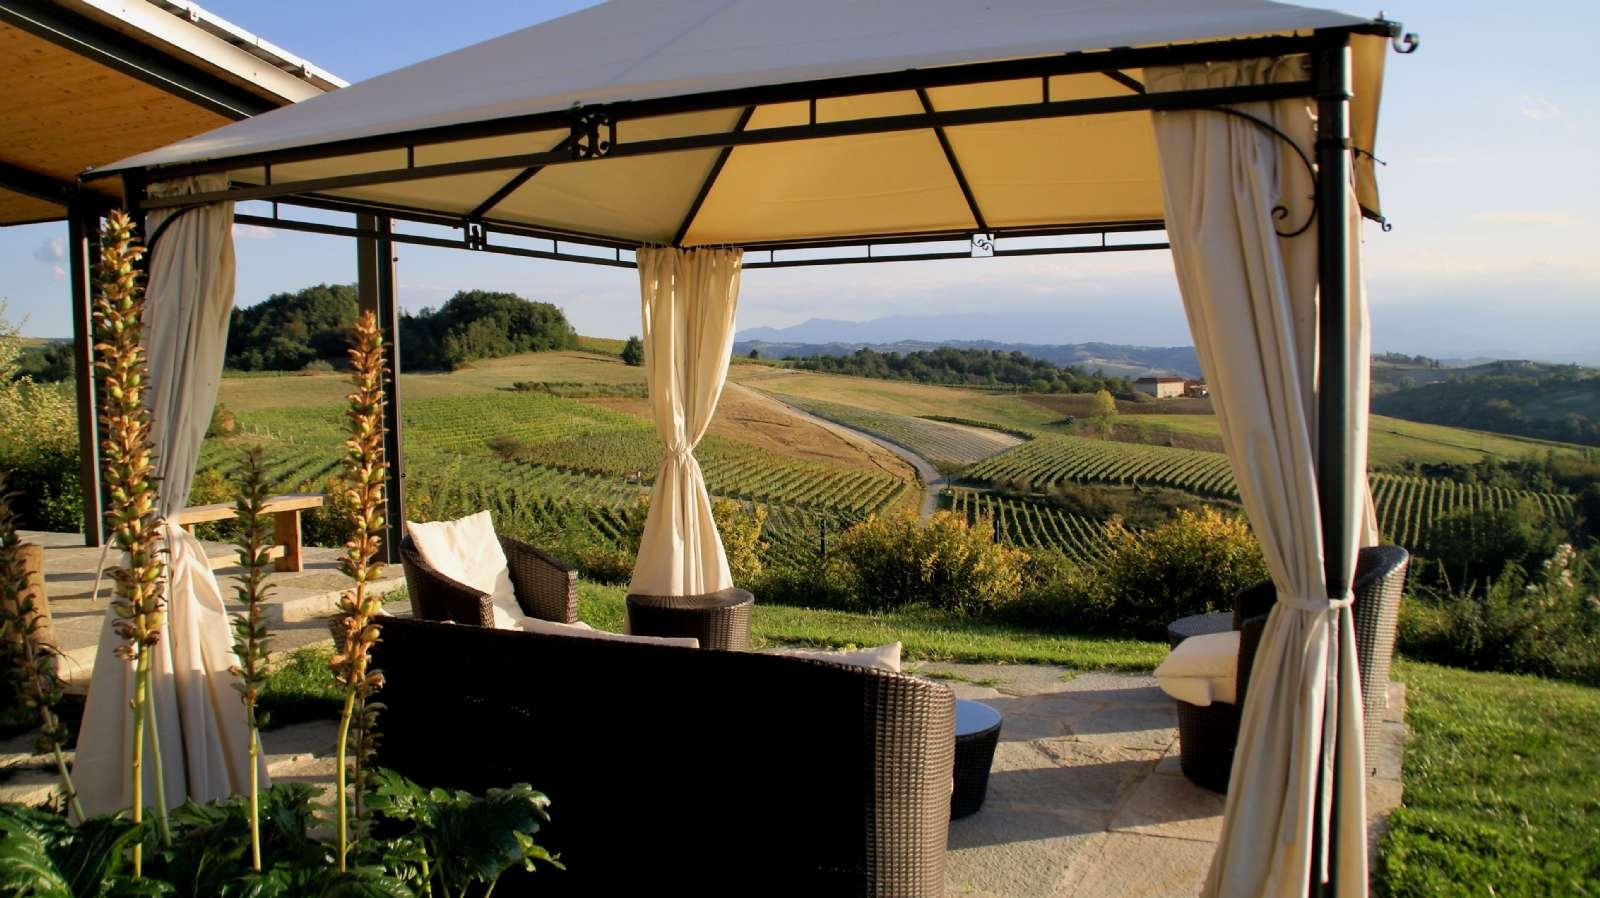 Frit vue ud over vinmarkerne